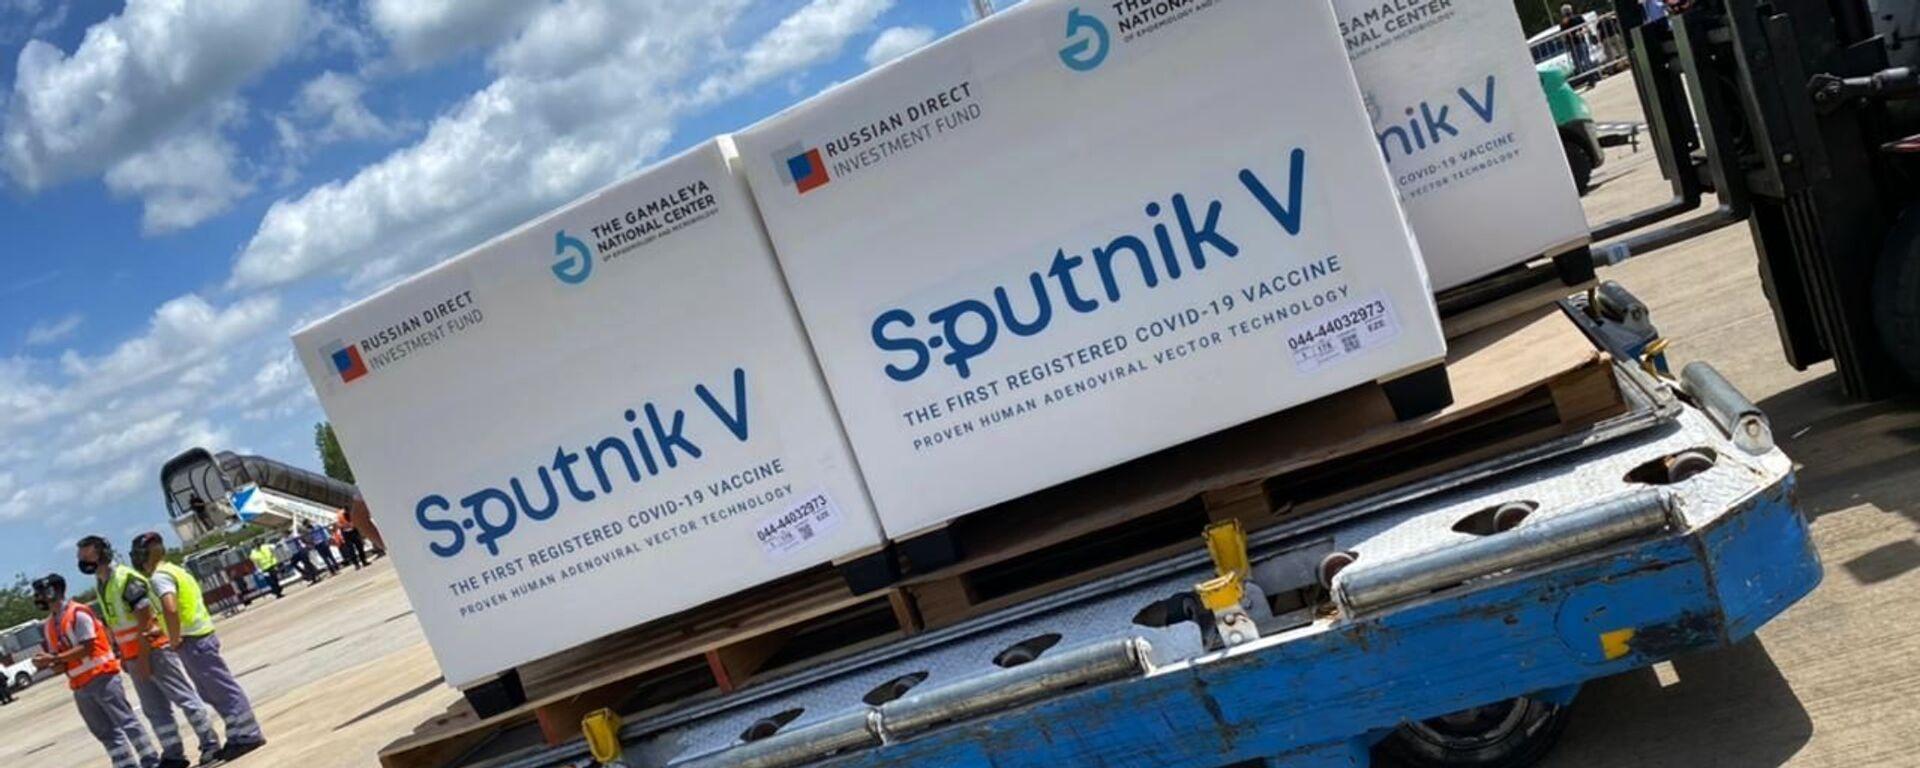 Прибытие рейса с вакциной Sputnik V в Аргентину - Sputnik Таджикистан, 1920, 21.06.2021